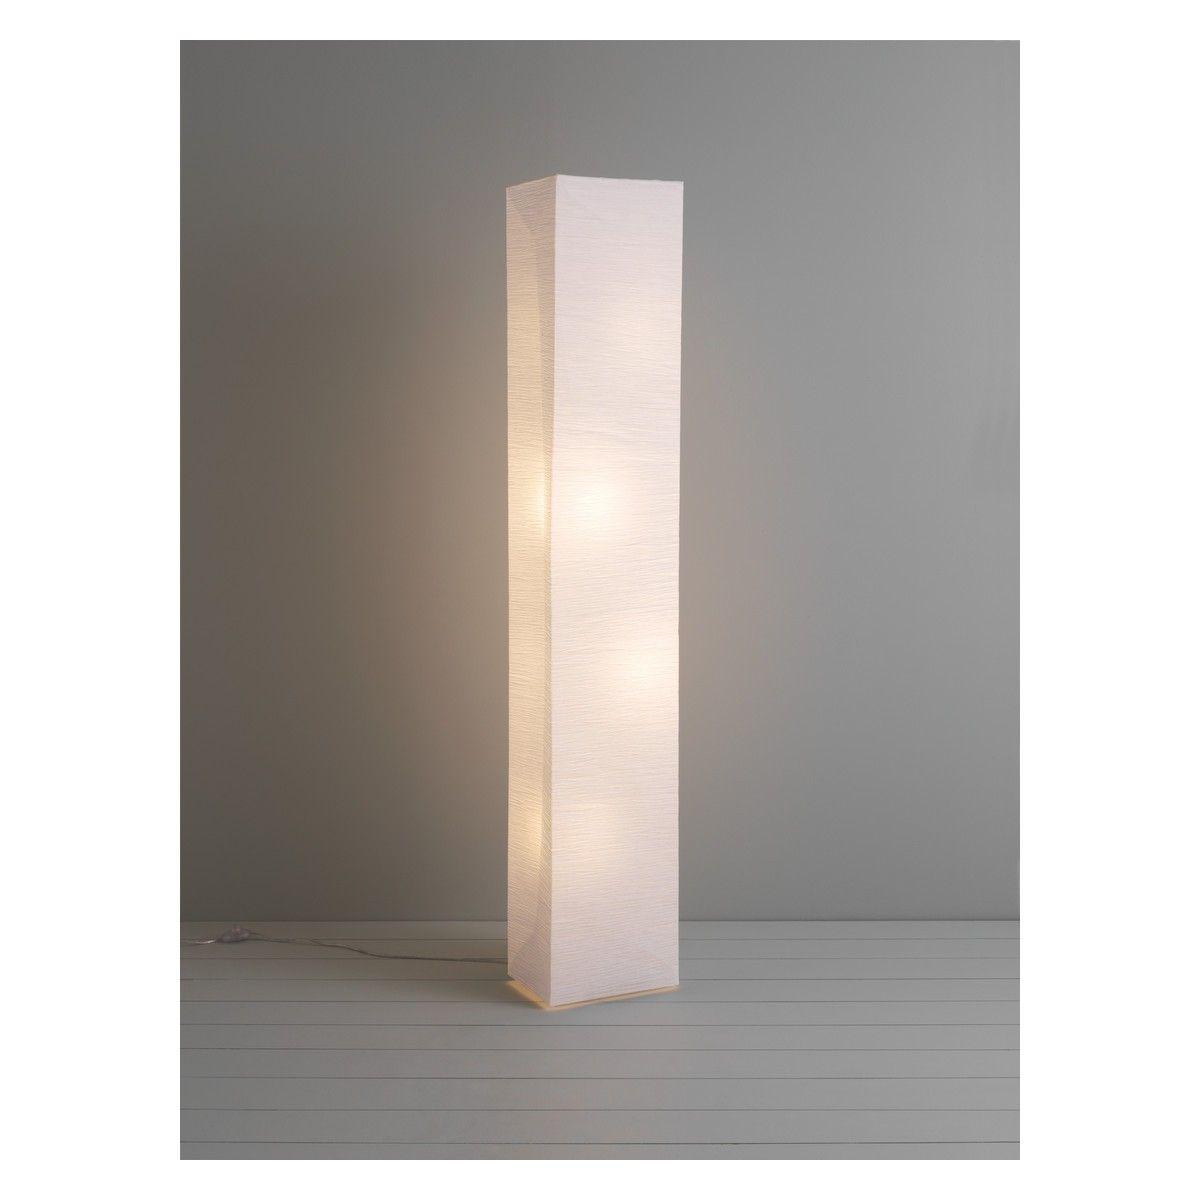 SQUARE PAPER White crinkled paper floor lamp | Buy now at Habitat UK - SQUARE PAPER White Crinkled Paper Floor Lamp Buy Now At Habitat